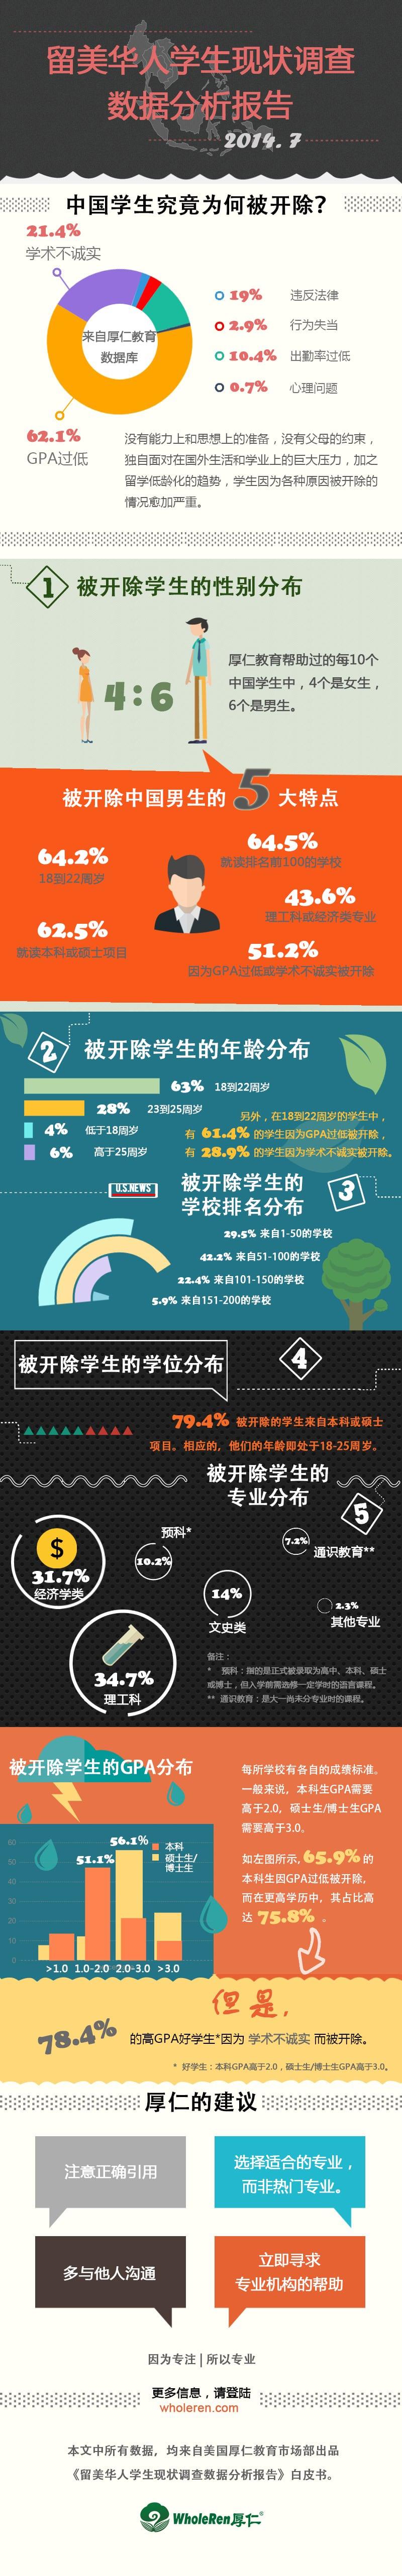 White Paper_Info_CN